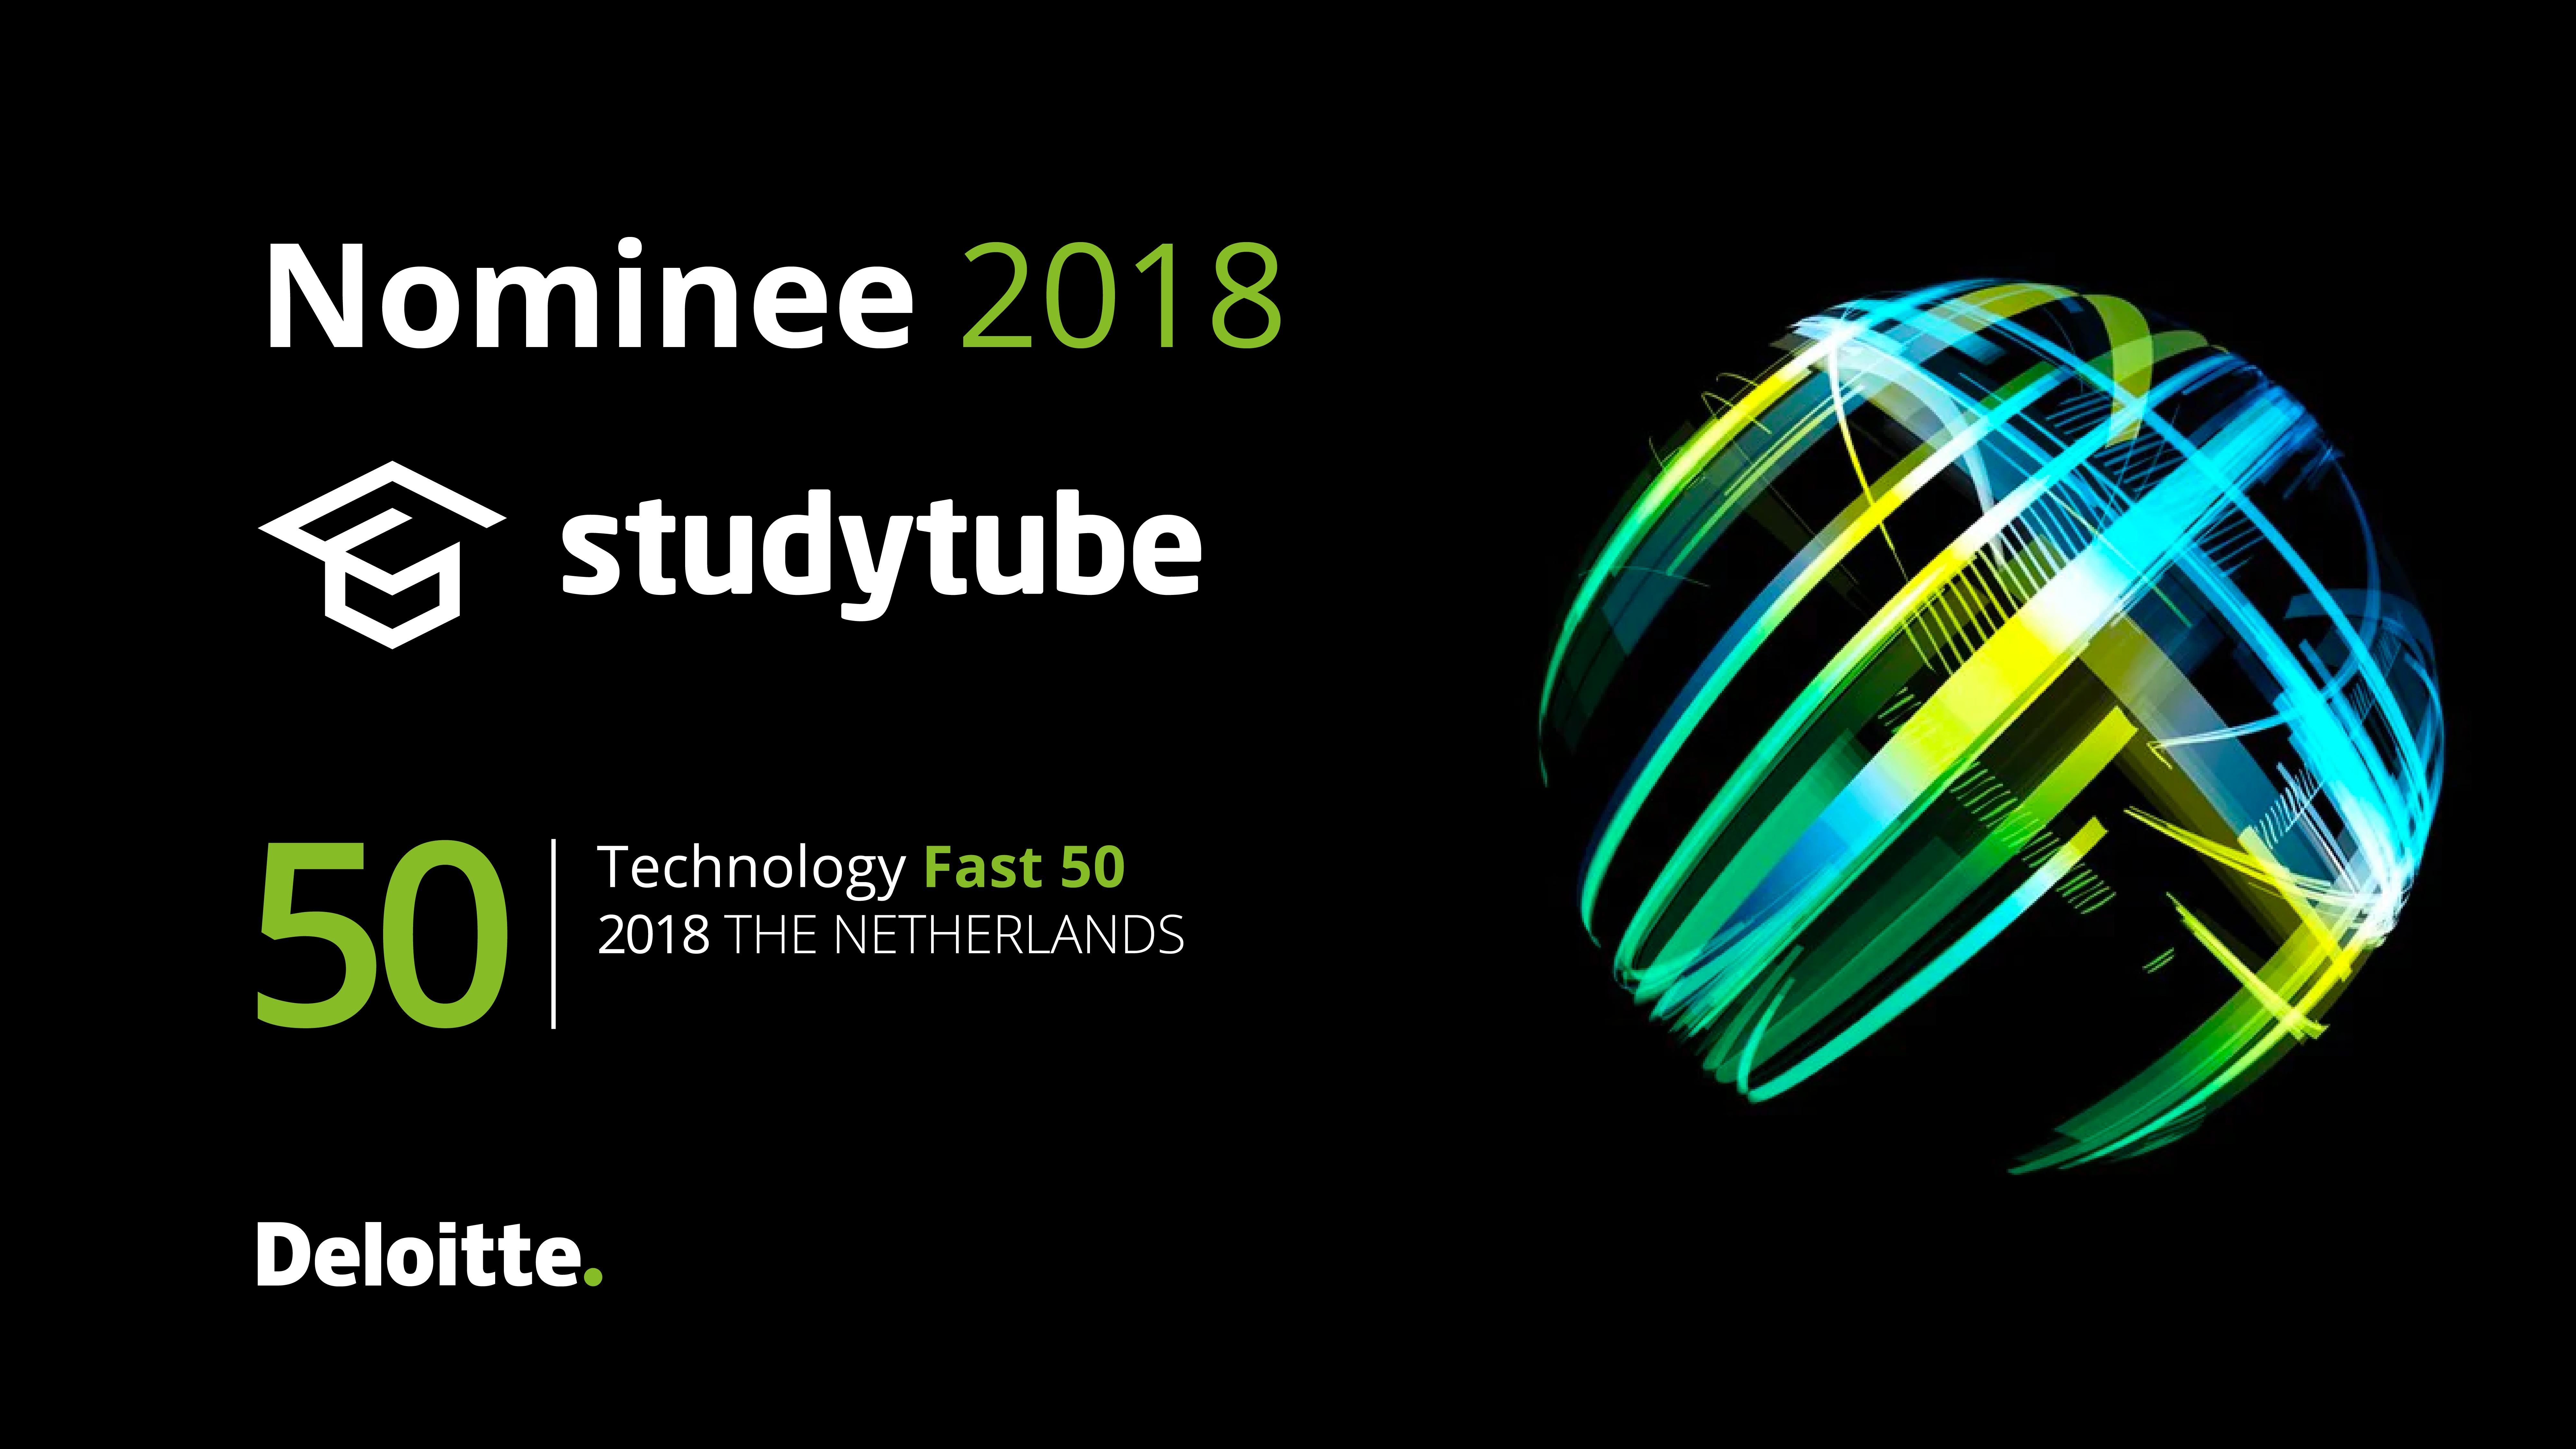 Studytube weer genomineerd voor Deloitte Technology Fast 50